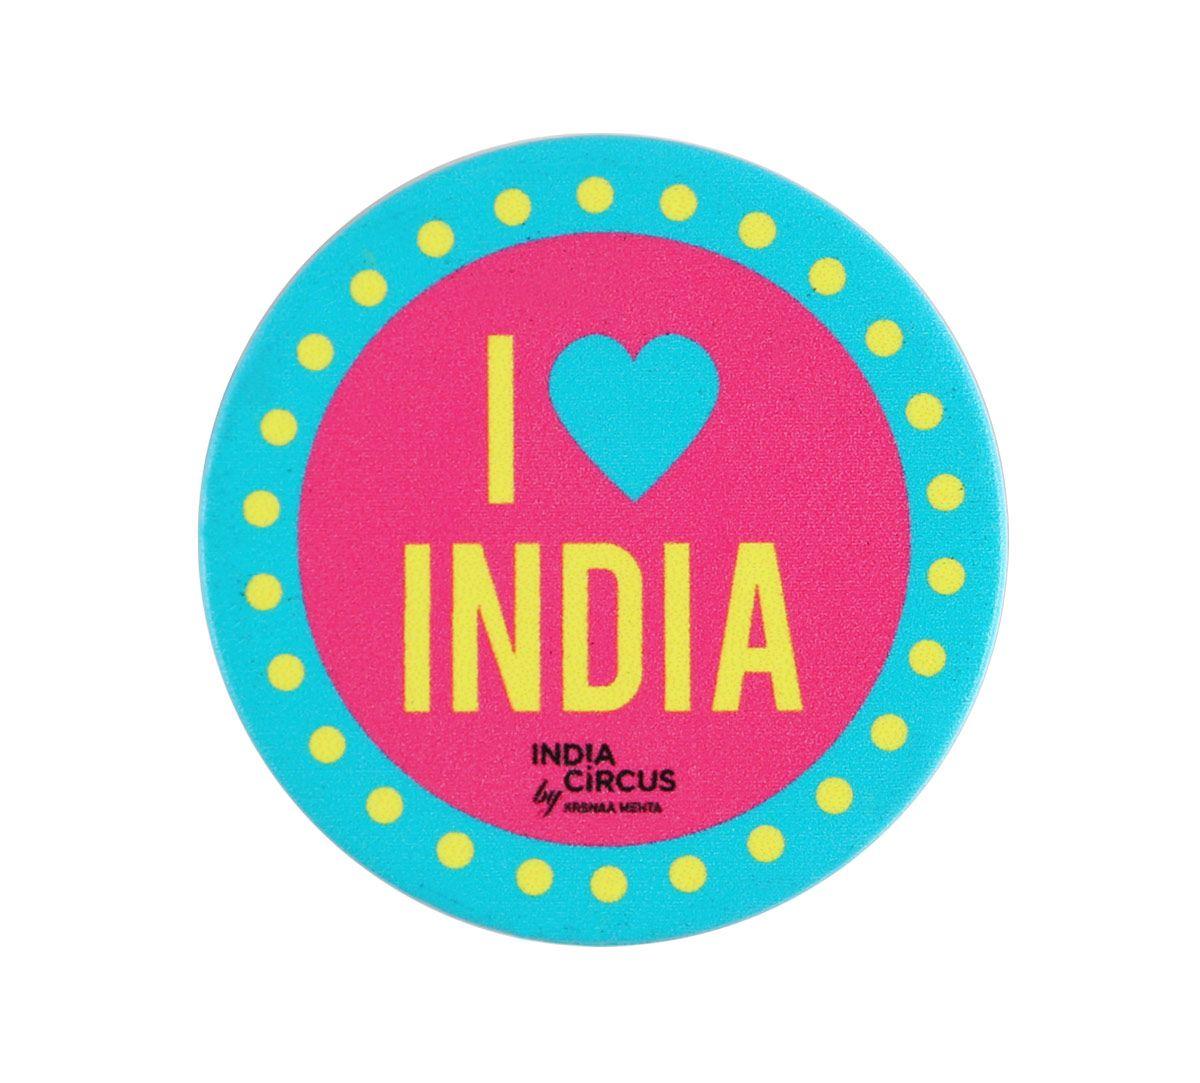 India Circus I Heart India Popsocket